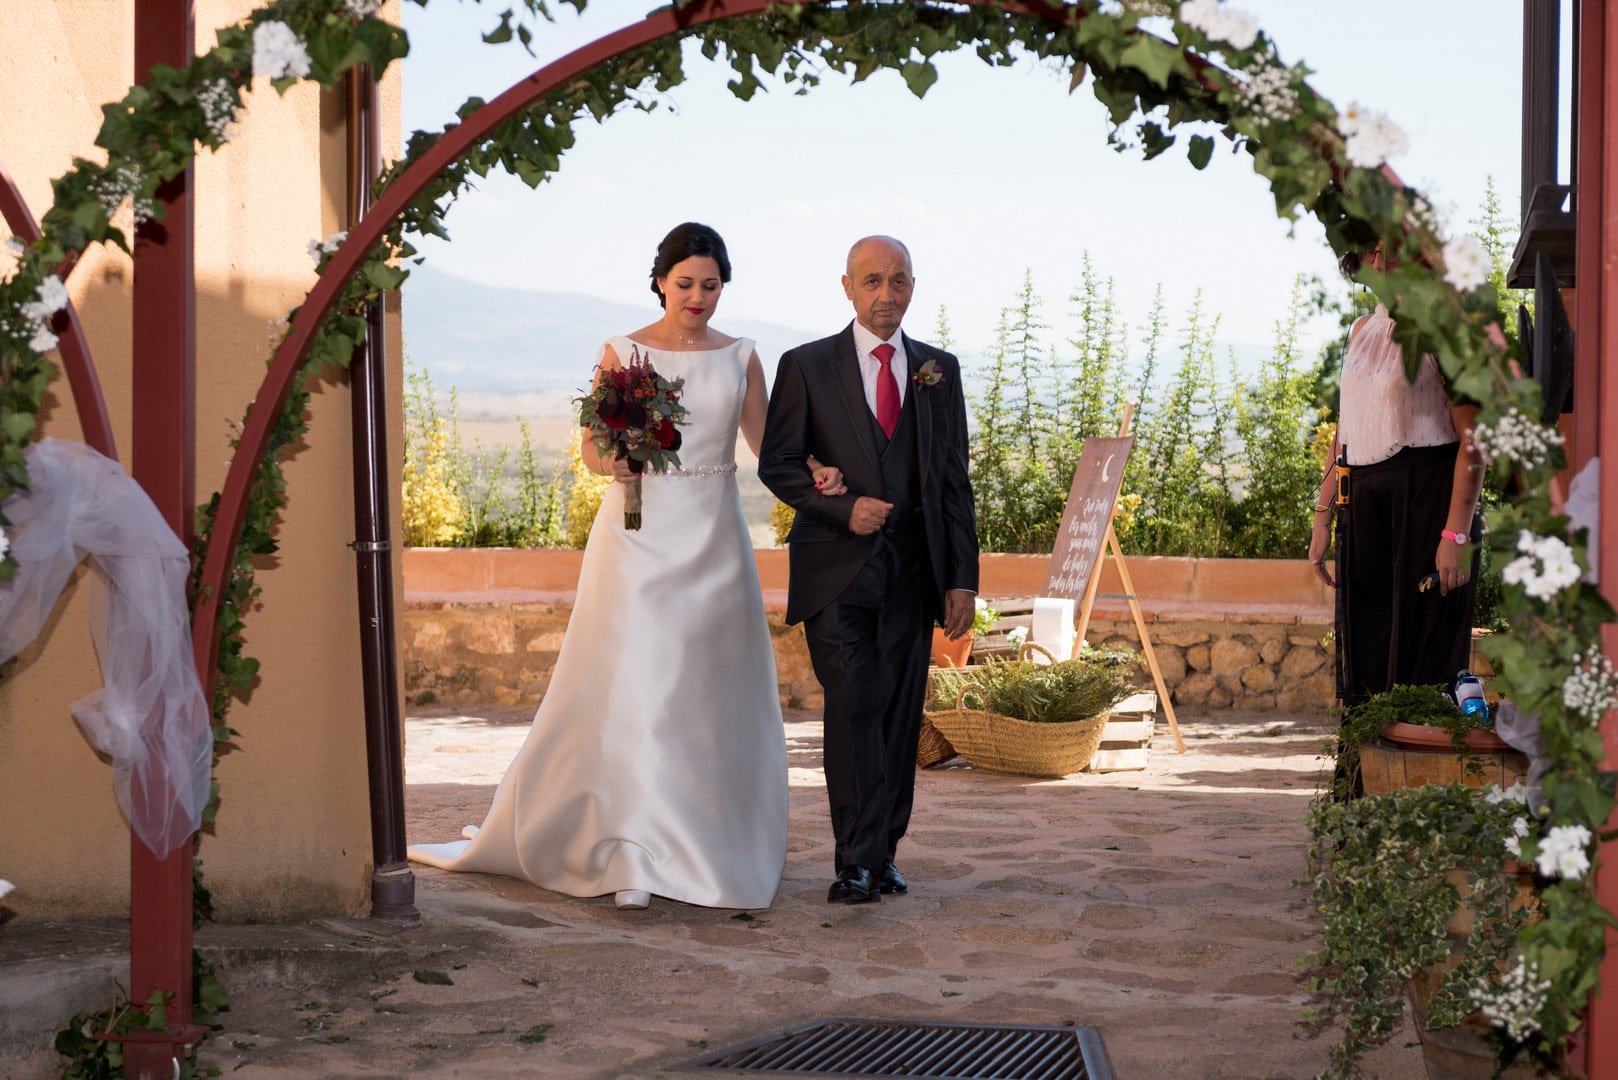 novia ZAZU-boda-divertida-en-rojo-Segovia UNA BODA DIVERTIDA EN SEGOVIA